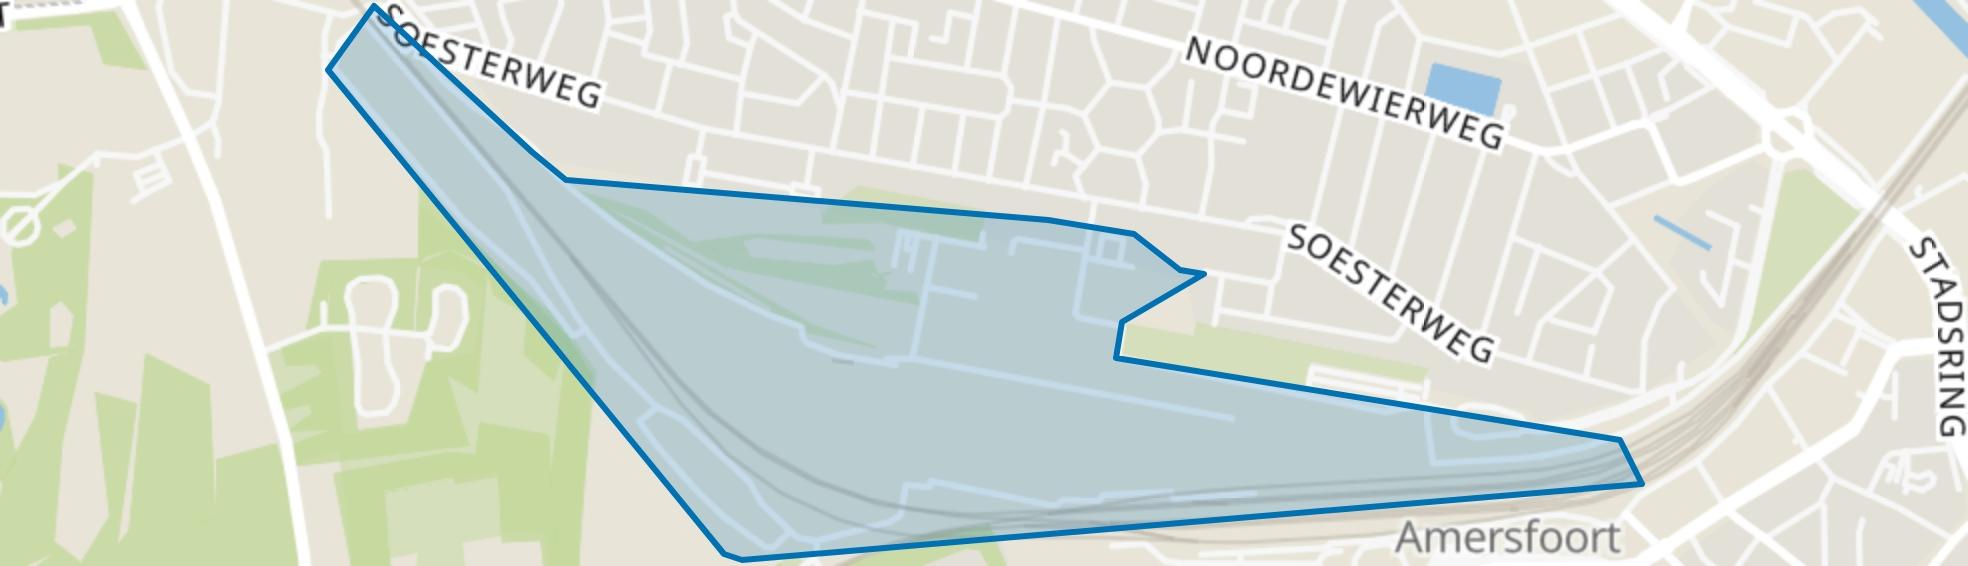 Wagenwerkplaats, Amersfoort map